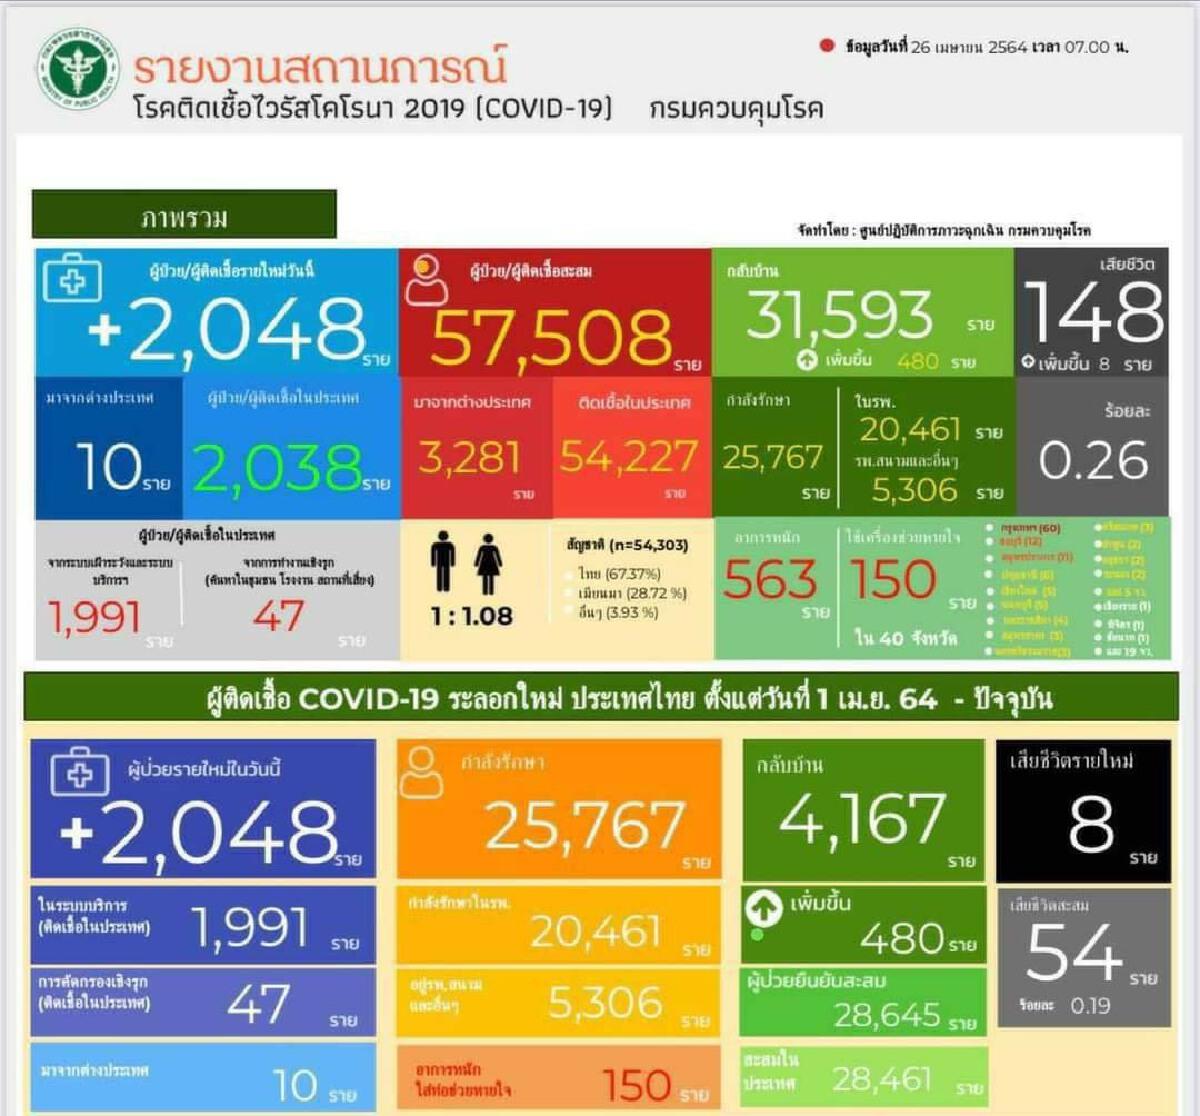 Breaking News : ป่วยโควิดเพิ่ม 2,048 คน ตายอีก 8 ราย อาการหนัก 563 คน